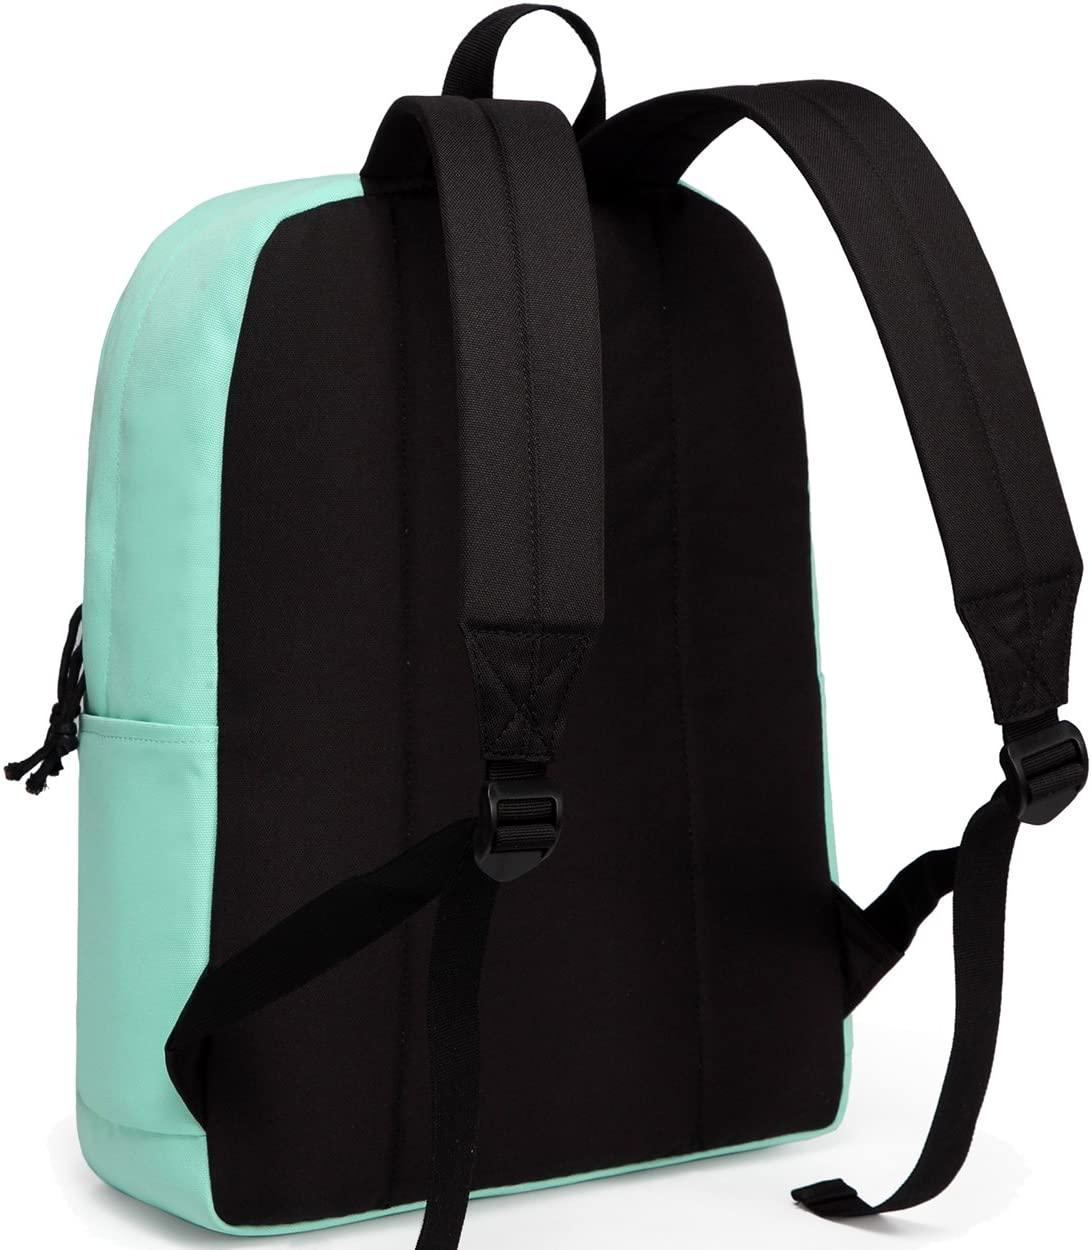 waterproof school backpacks for teenagers